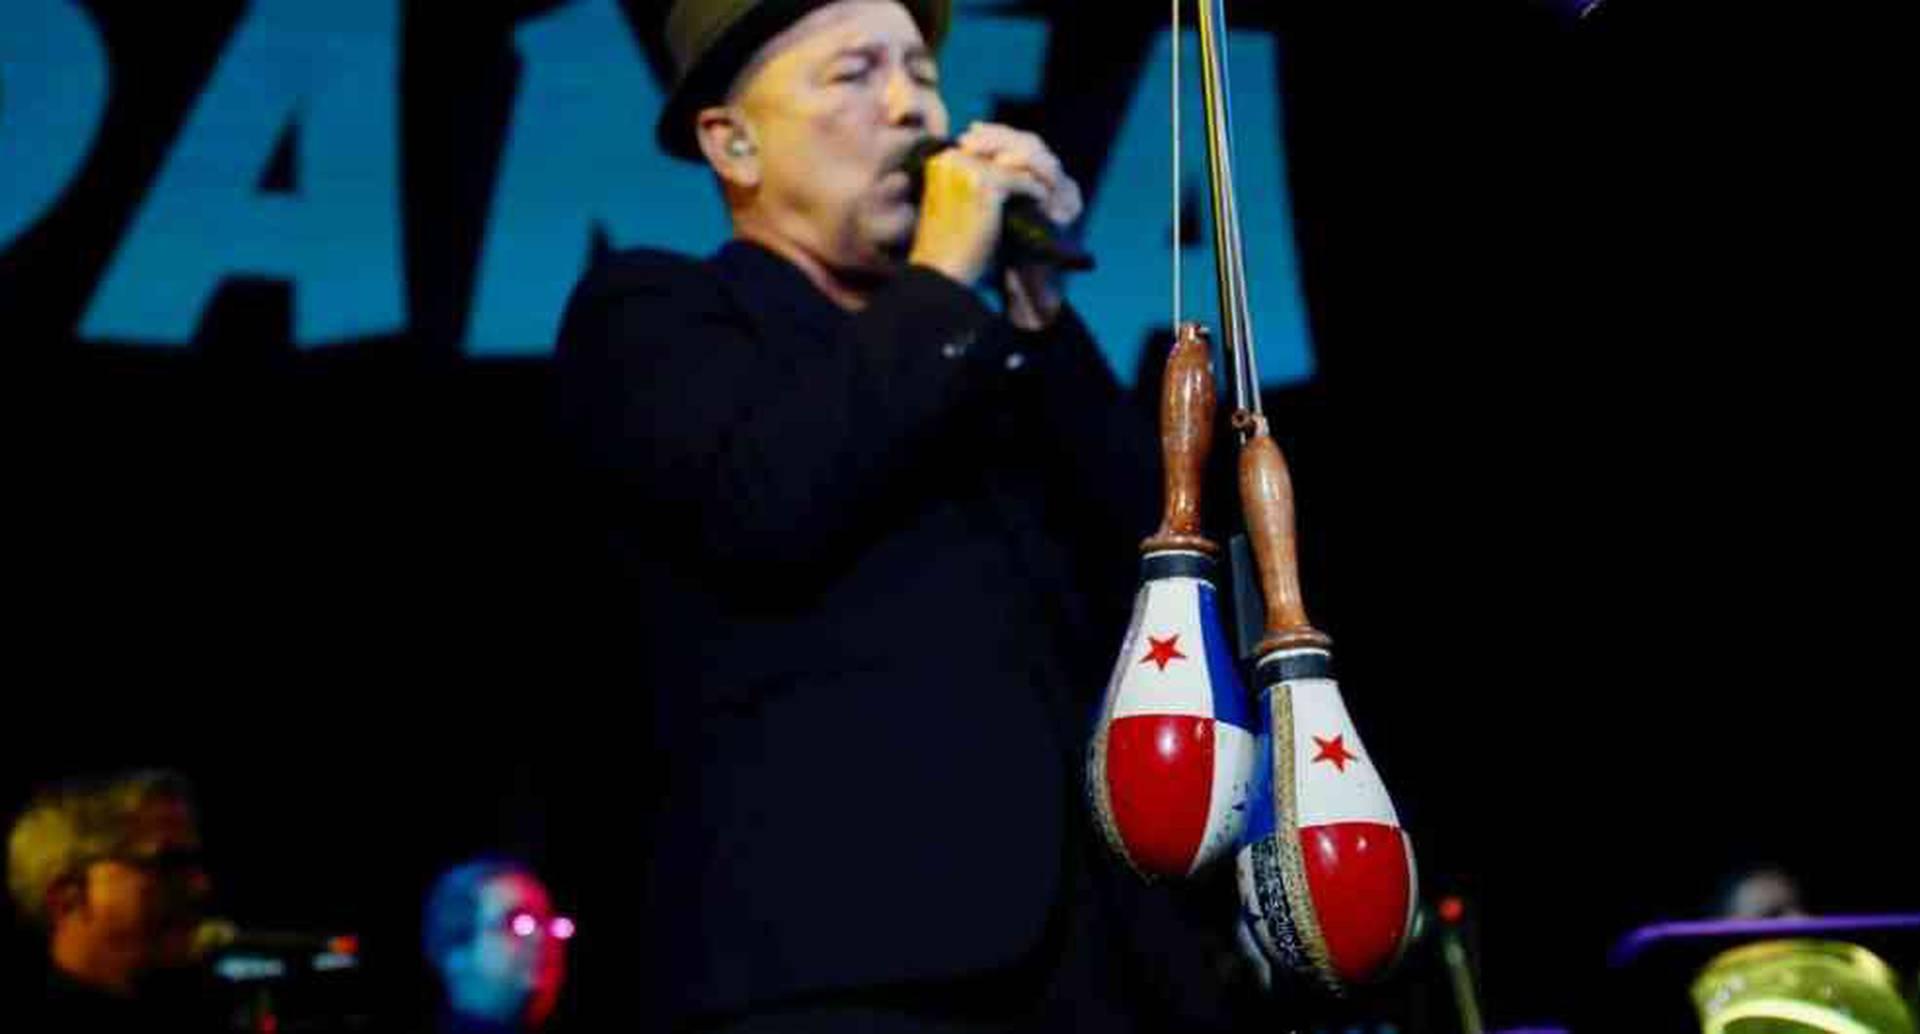 Un verdadero monstruo, en el mejor sentido de la palabra, Rubén Blades dejó su corazón en Colombia la noche del 15 de noviembre.